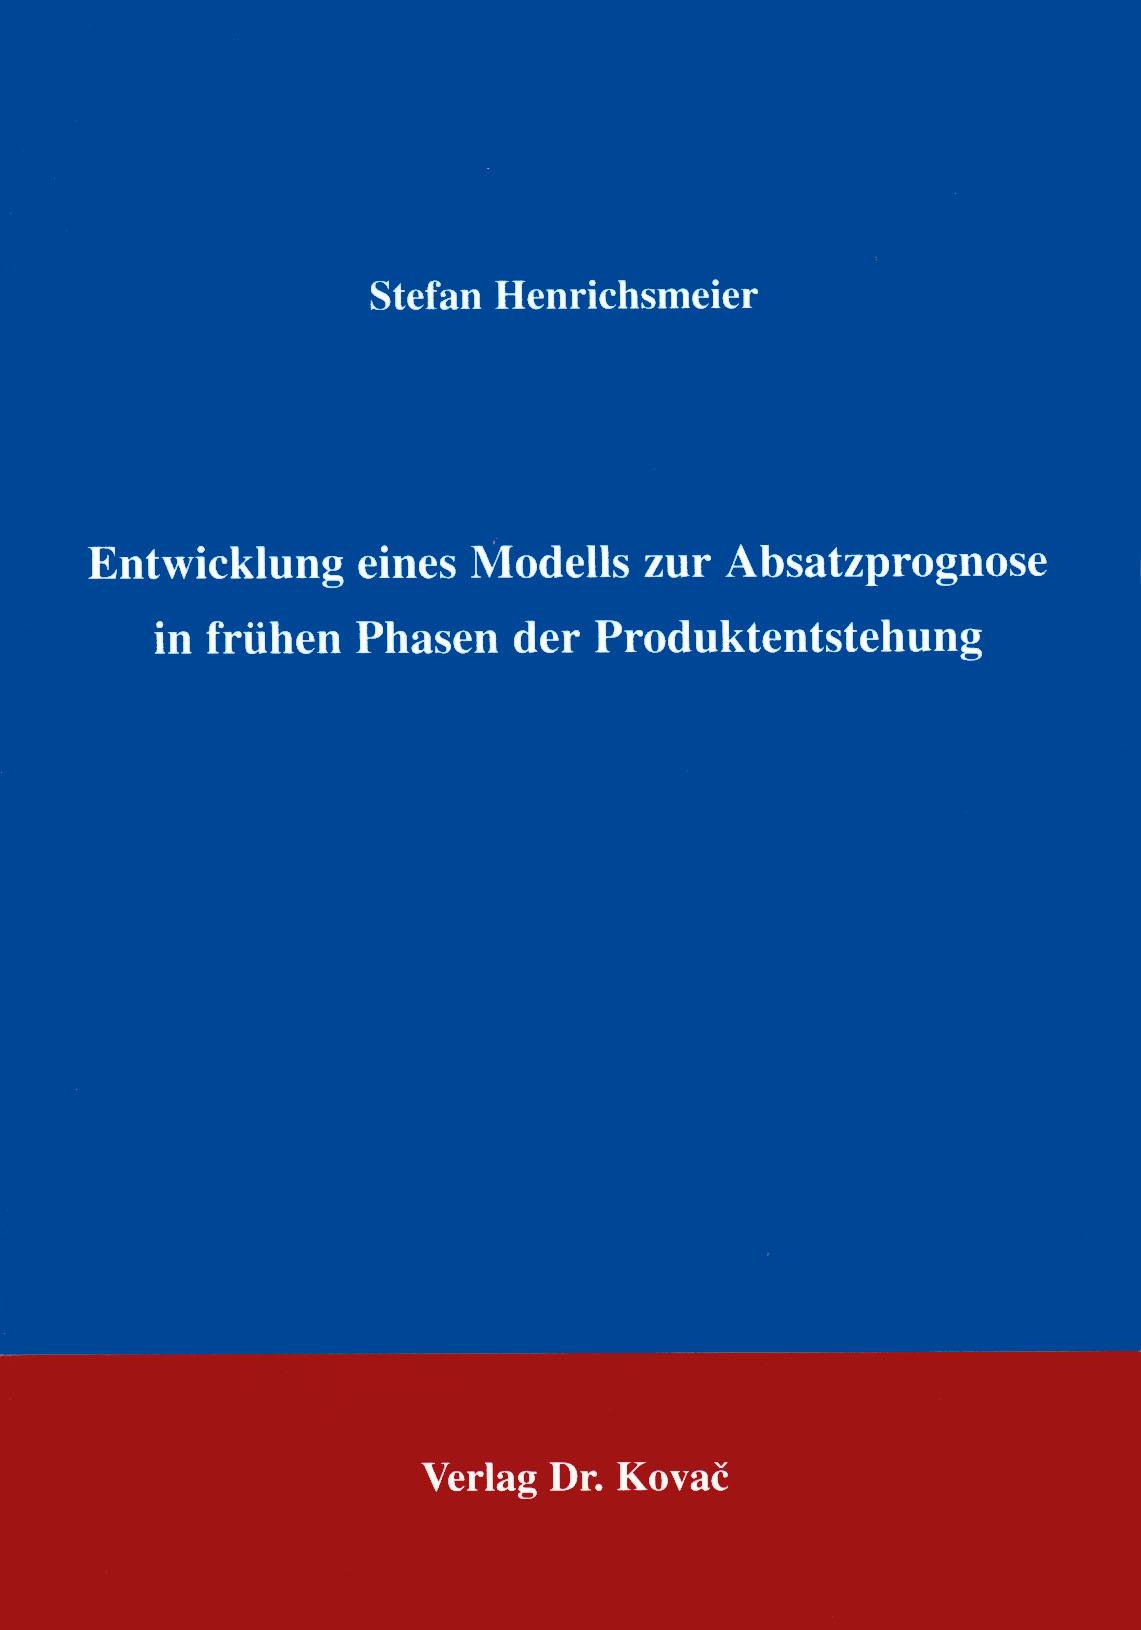 Cover: Entwicklung eines Modells zur Absatzprognose  in frühen Phasen der Produktentstehung